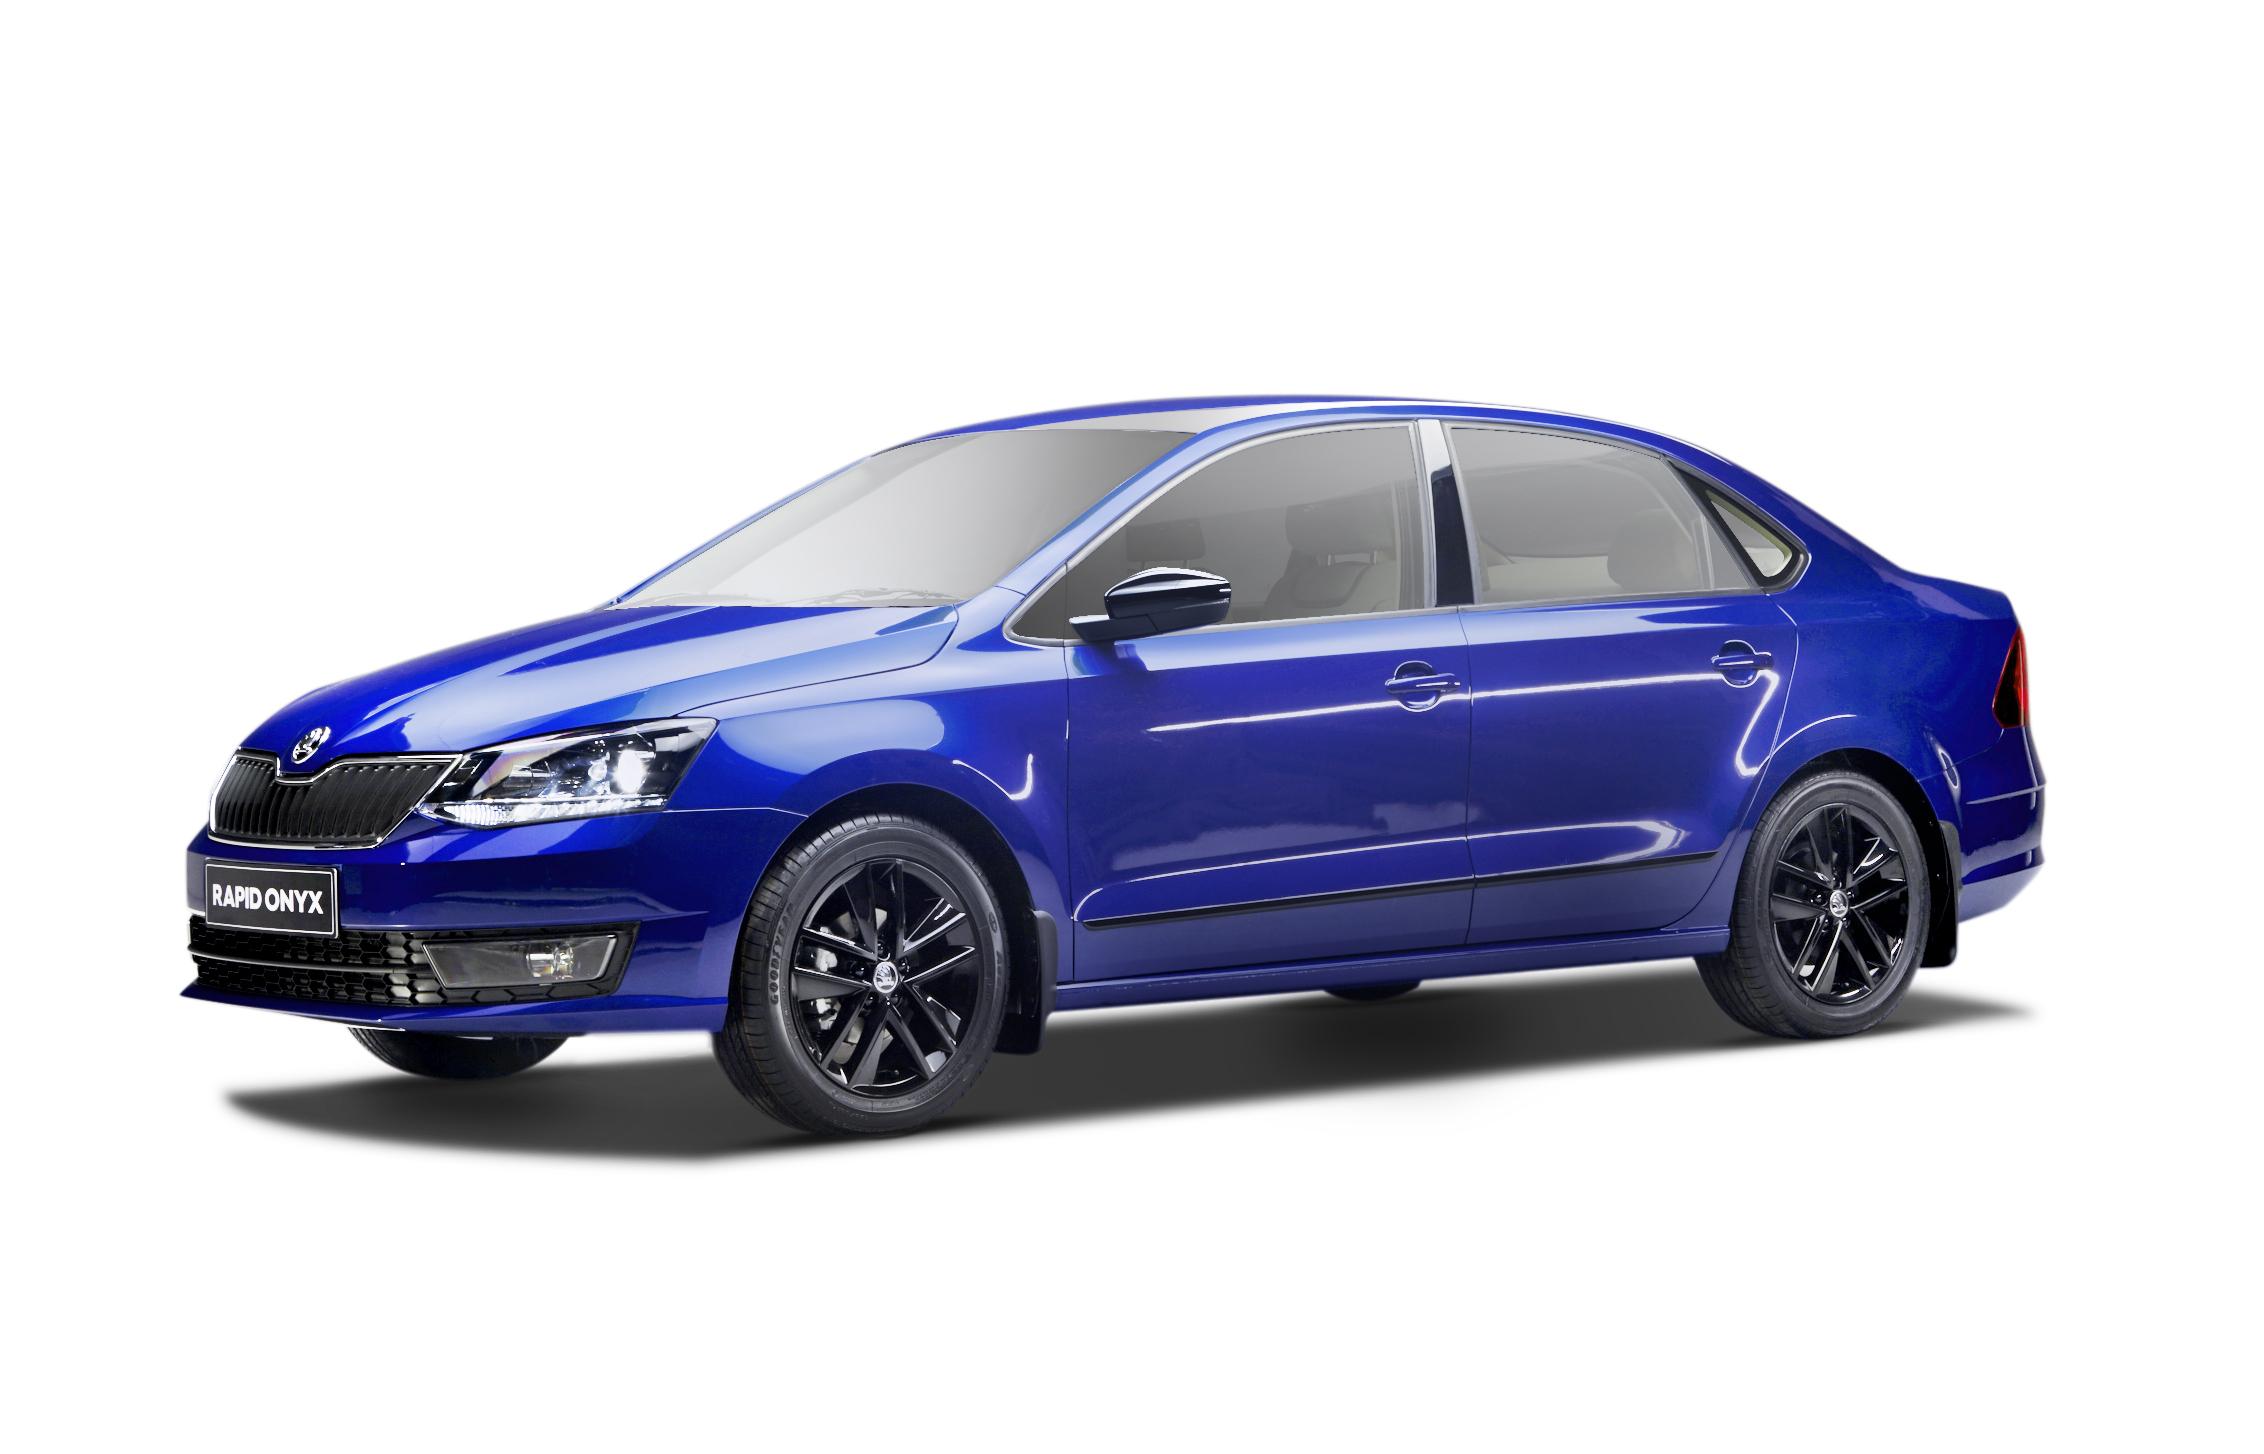 Skoda Car Starting Price